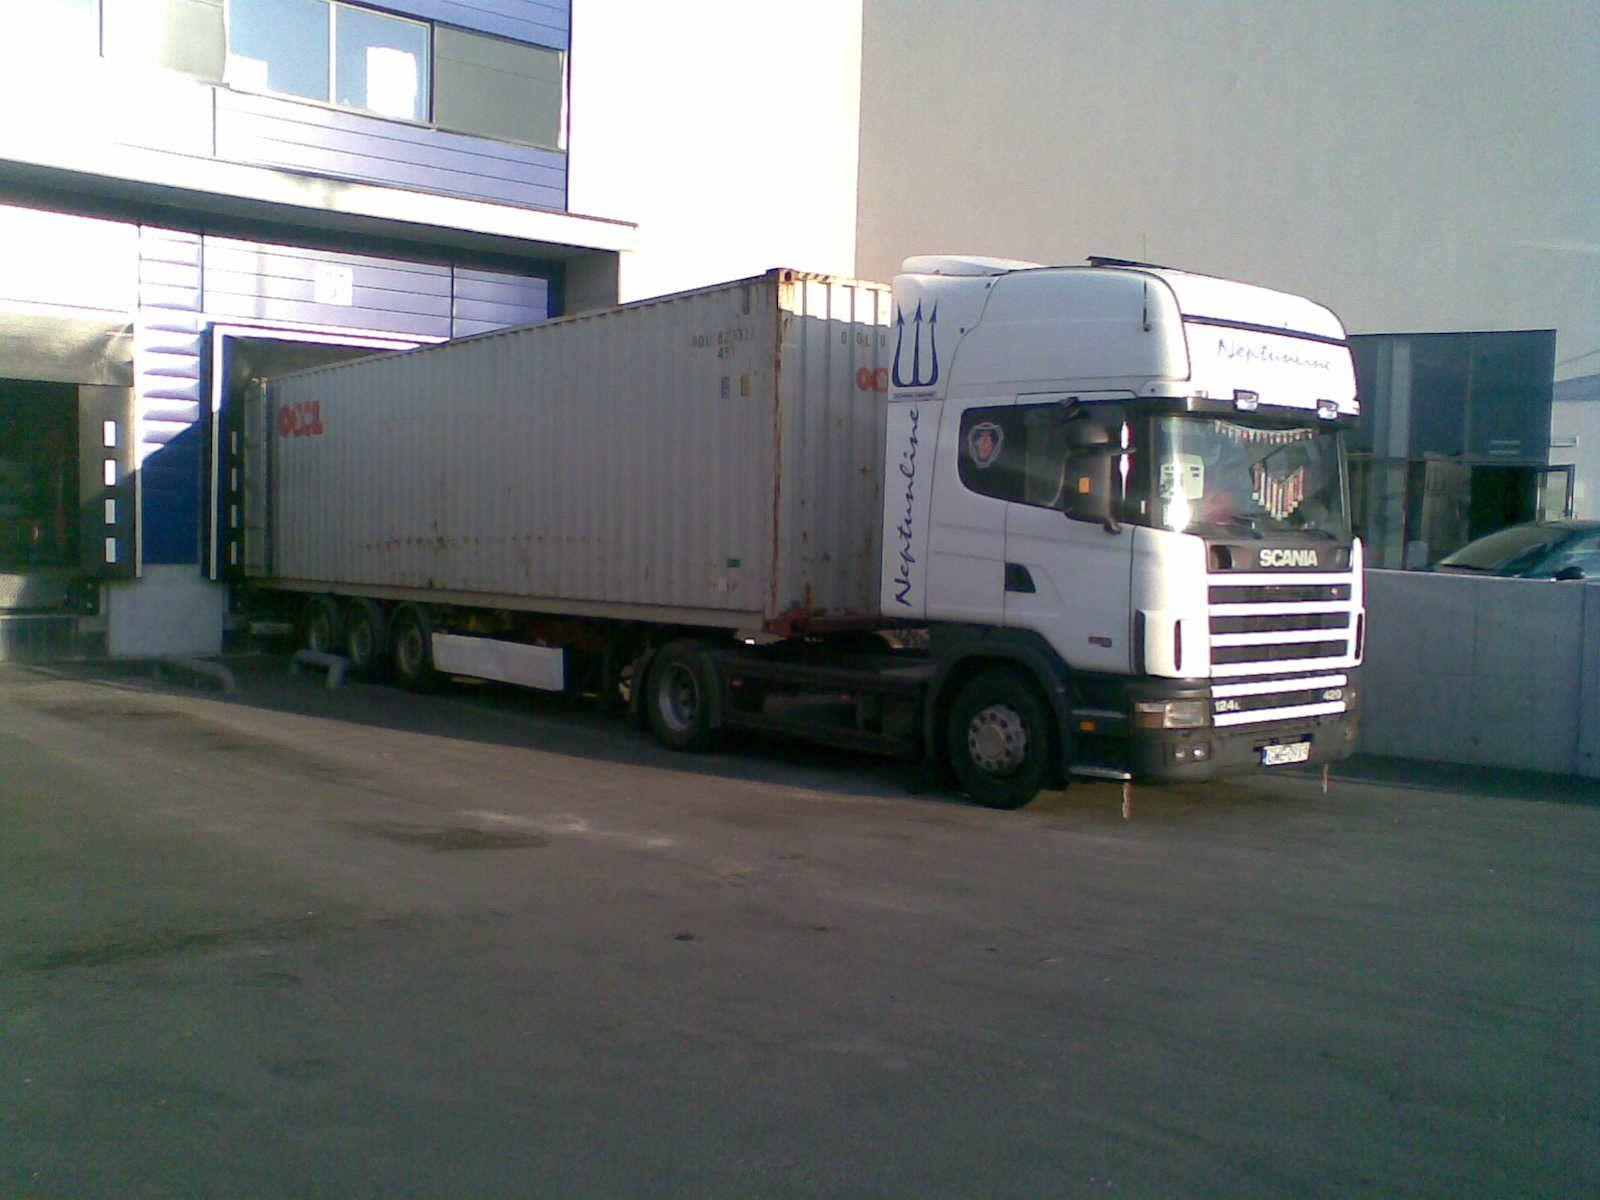 797B8C46-A9B4-4EBD-9649-0F3F14E71F55.jpeg